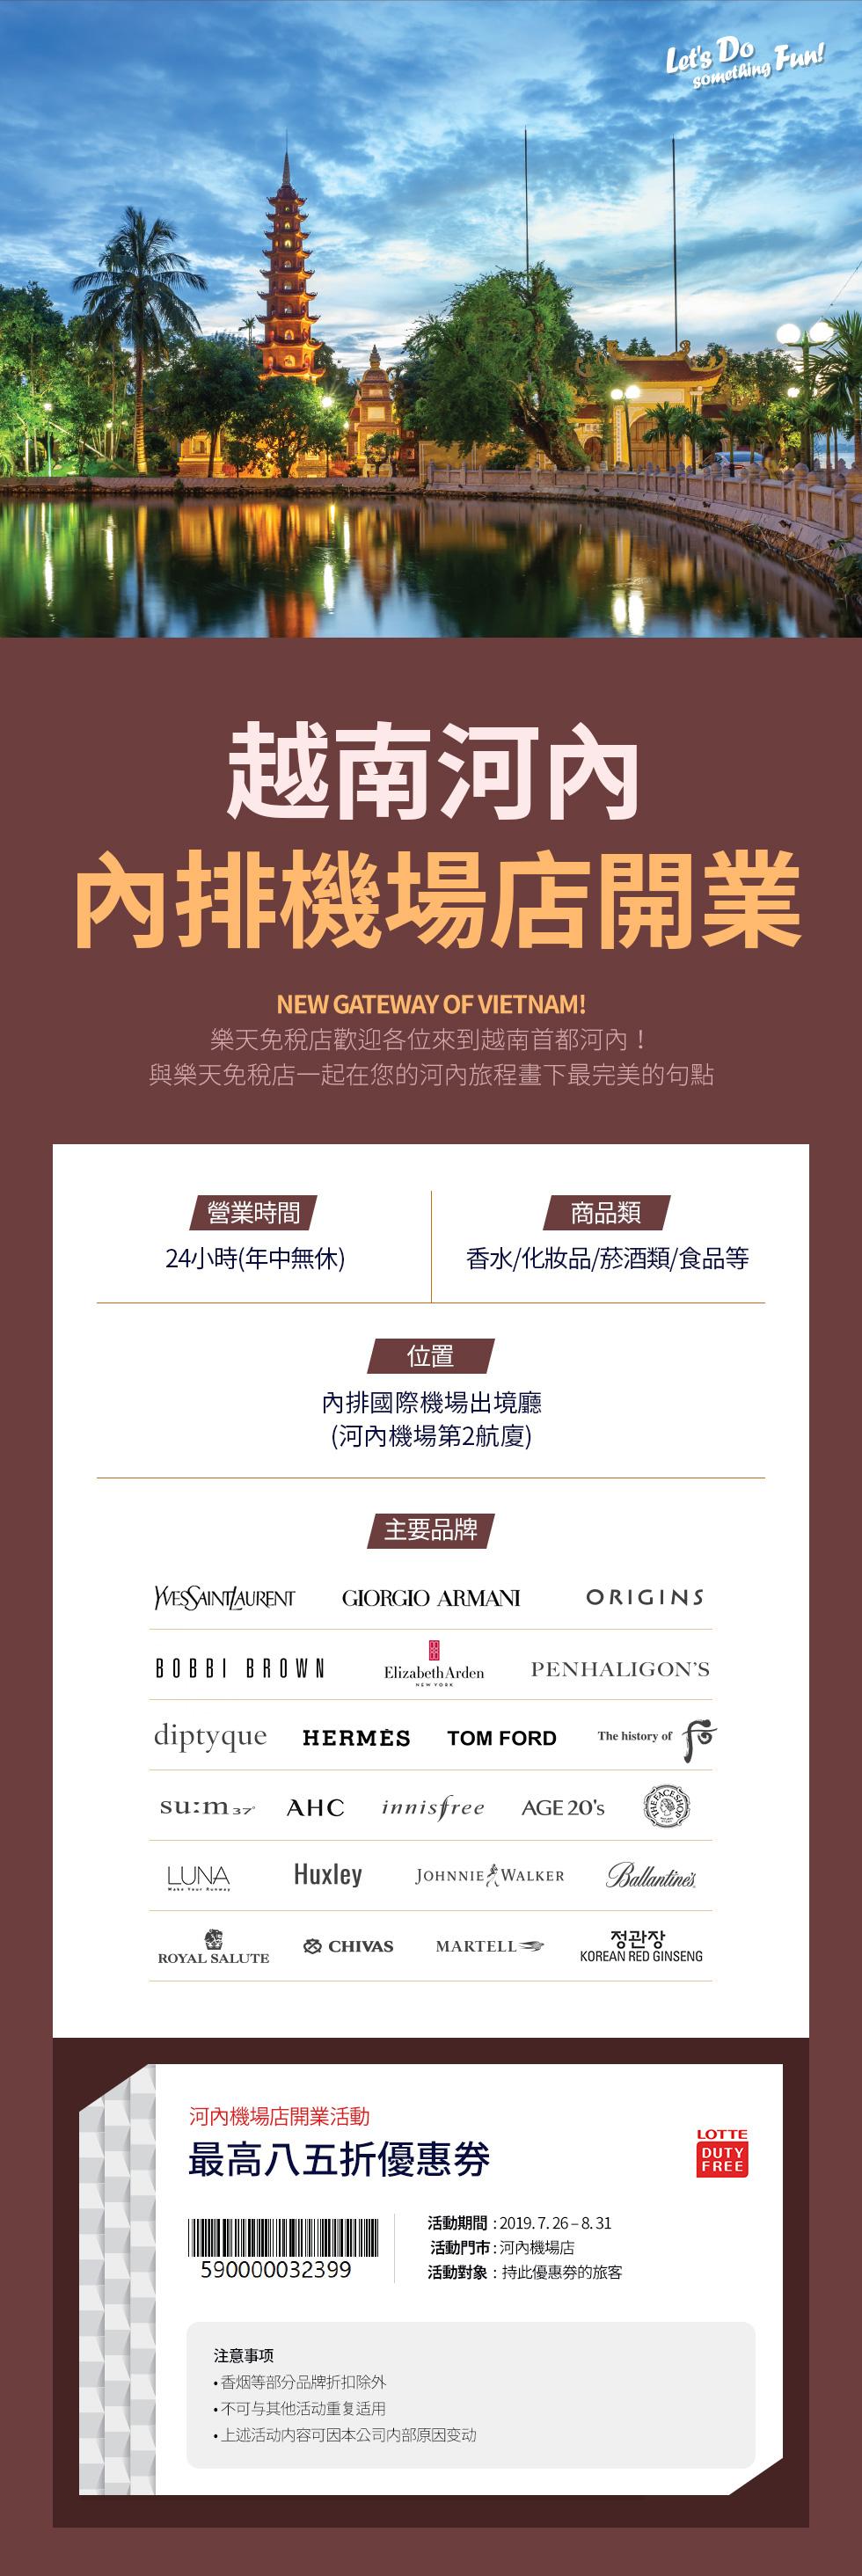 越南河內內排機場店開業